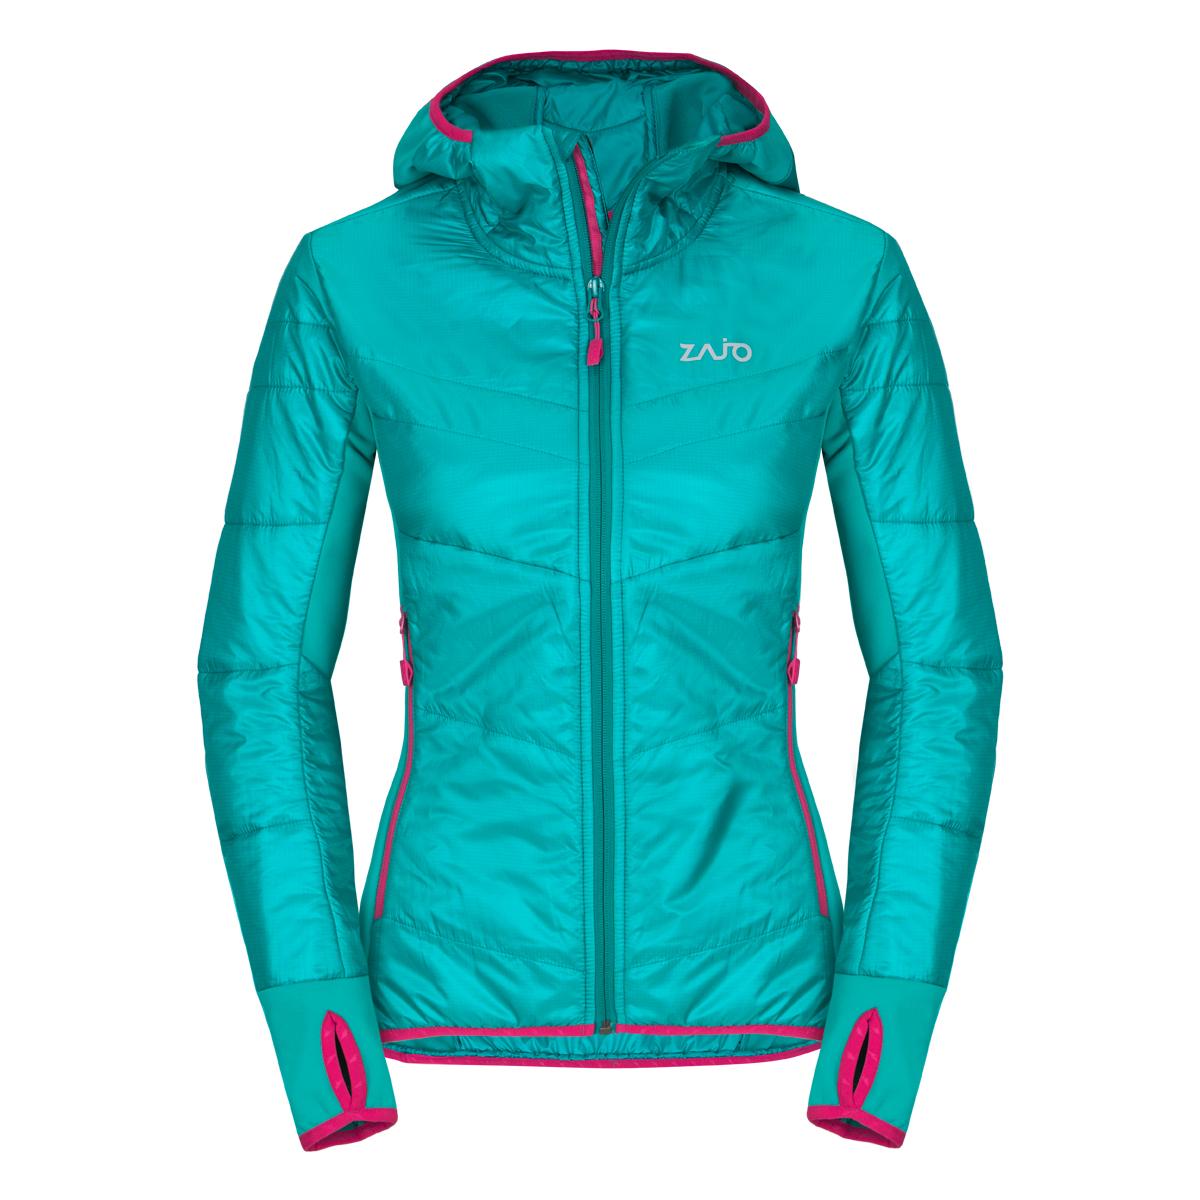 Dámska bunda Zajo Rossa W JKT Spectra Green - veľkosť XS